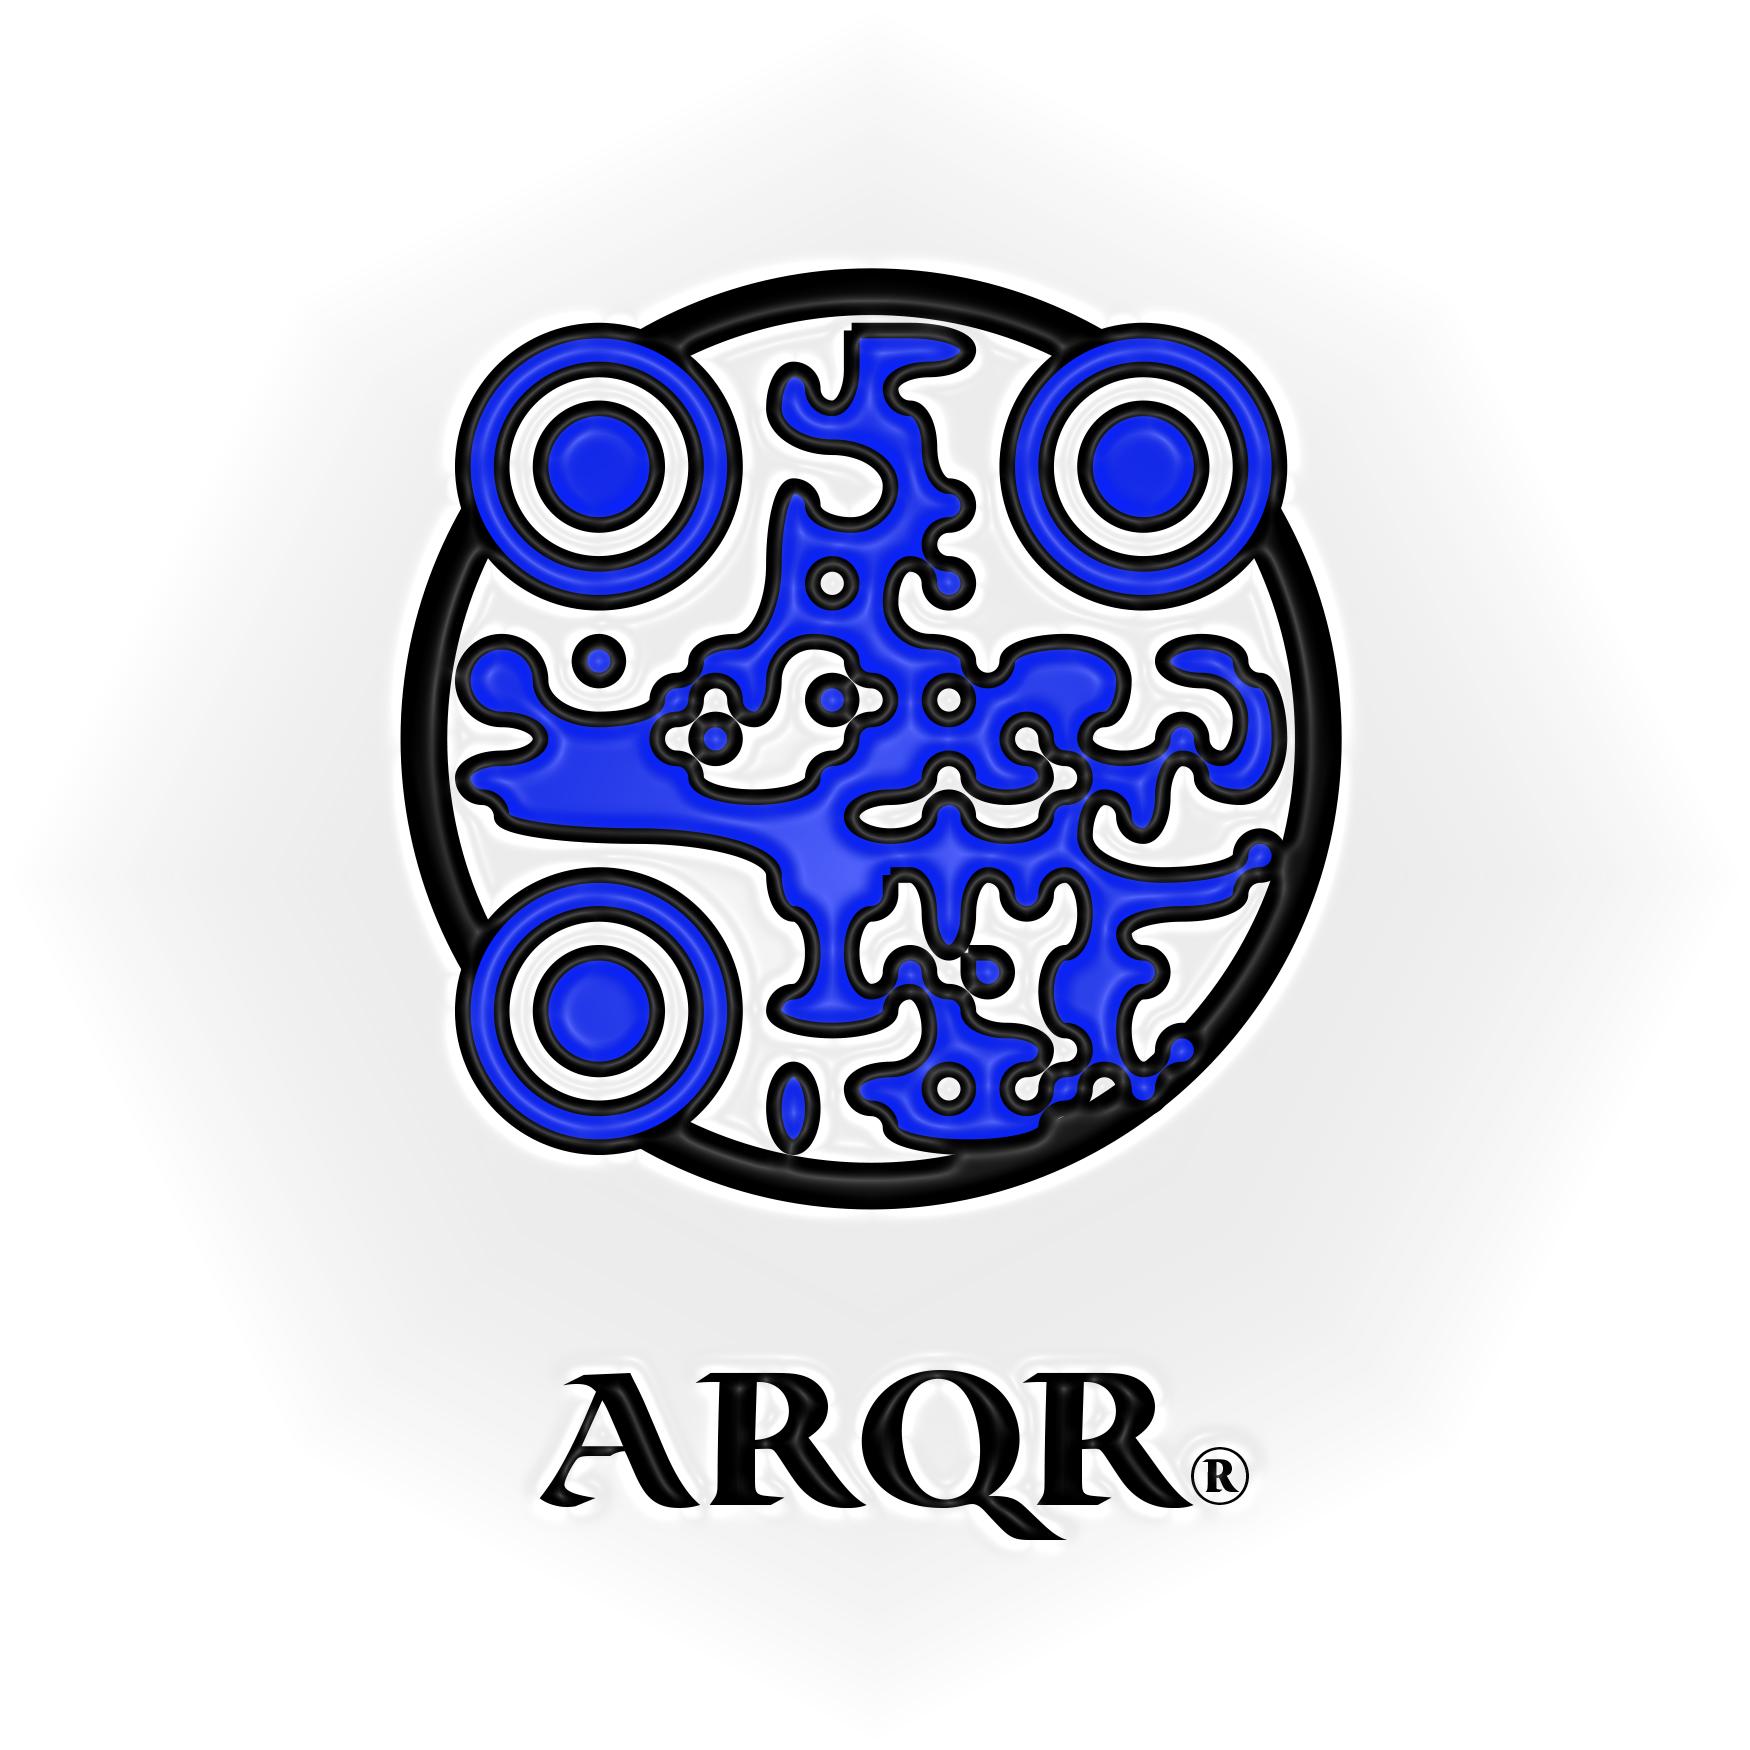 ARQR (AR QR)